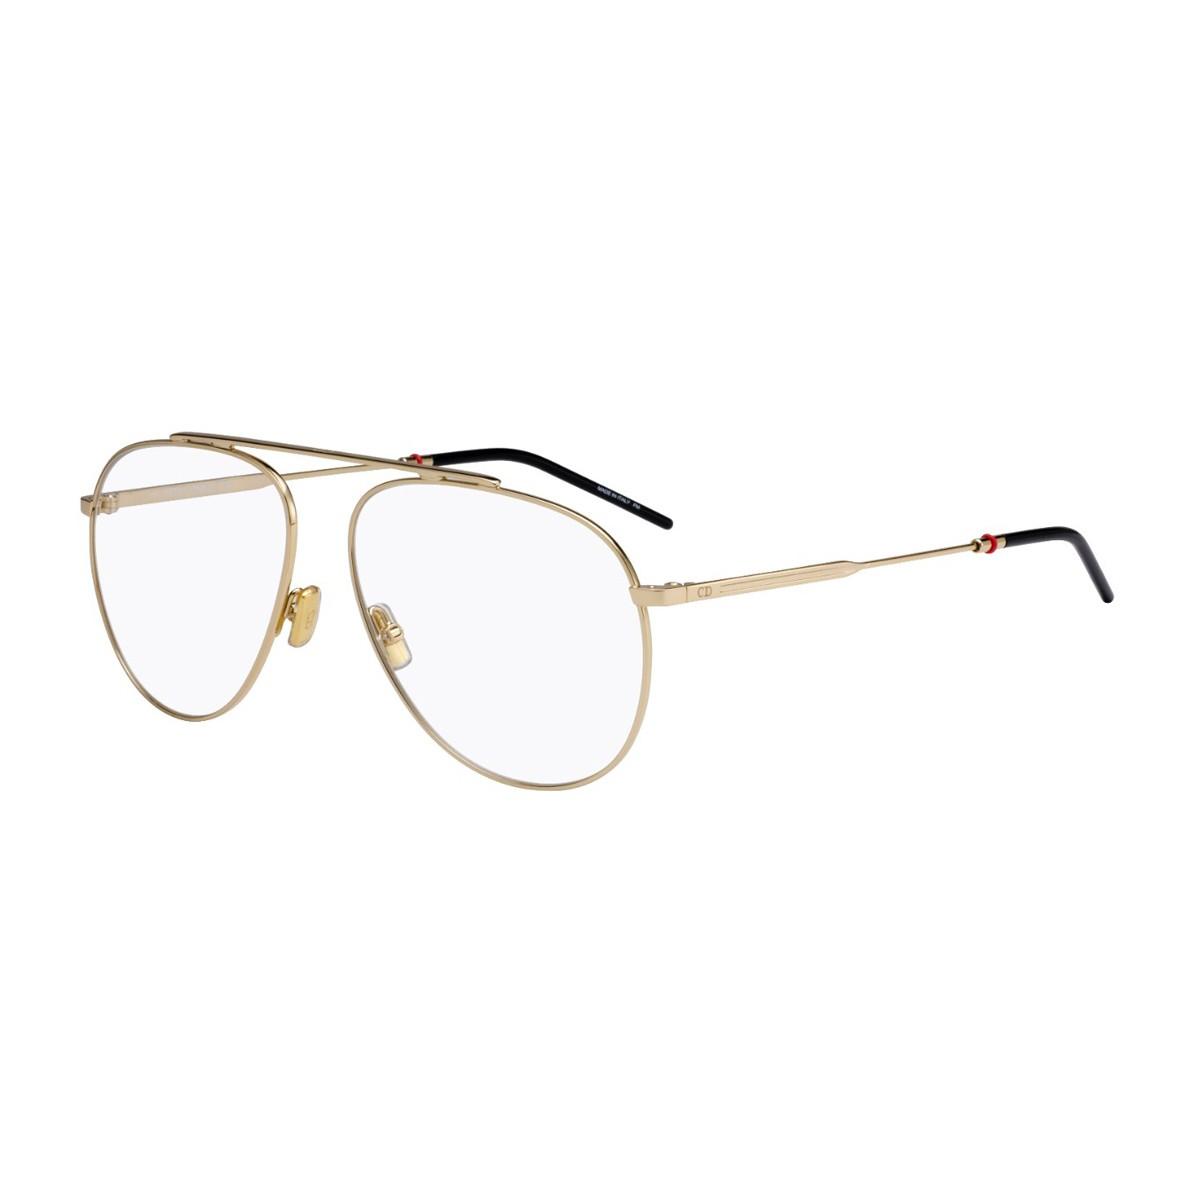 Dior 0221 | Occhiali da vista Uomo